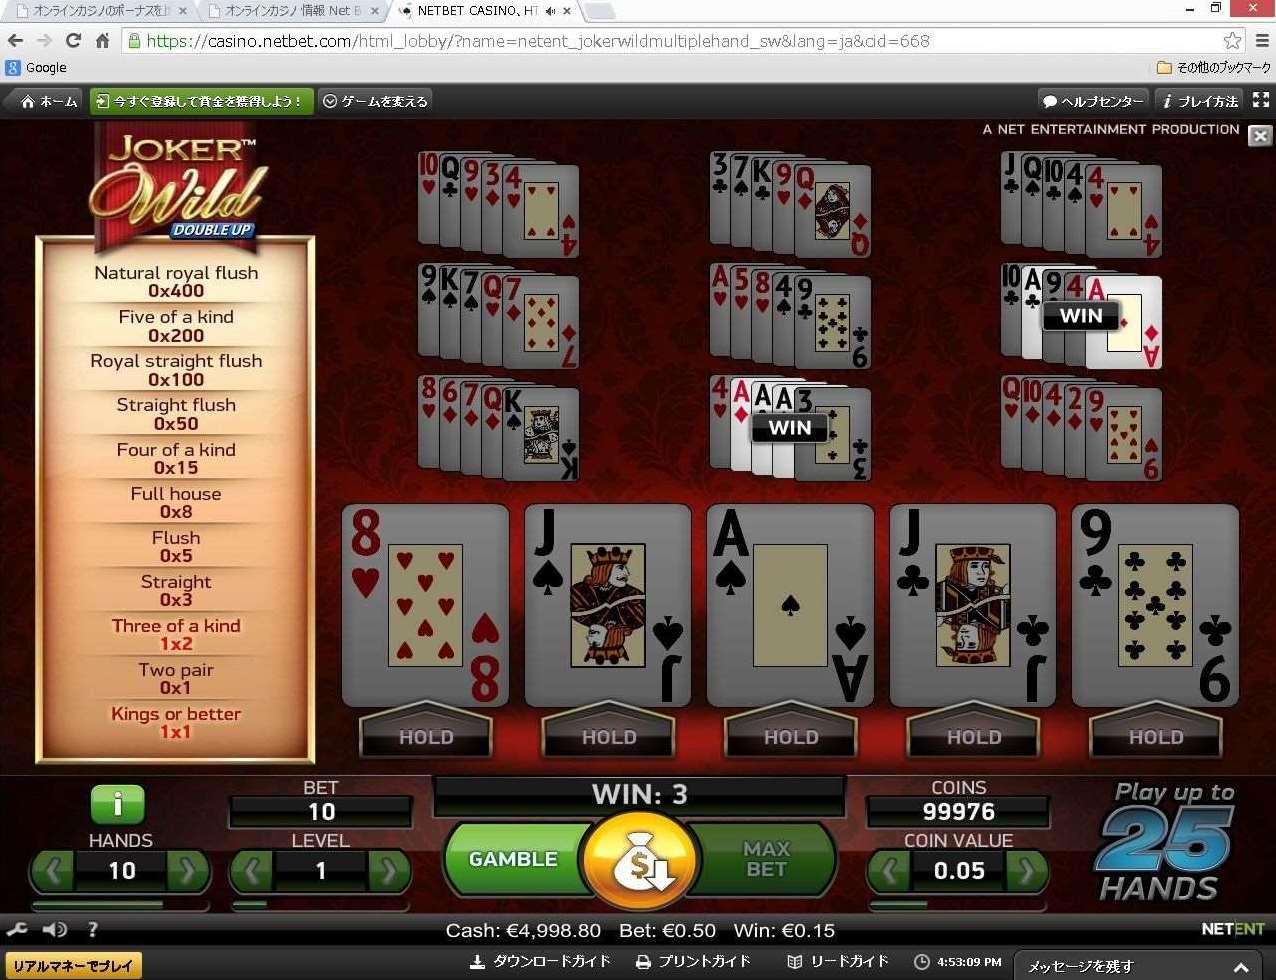 Joker Wild Double up3